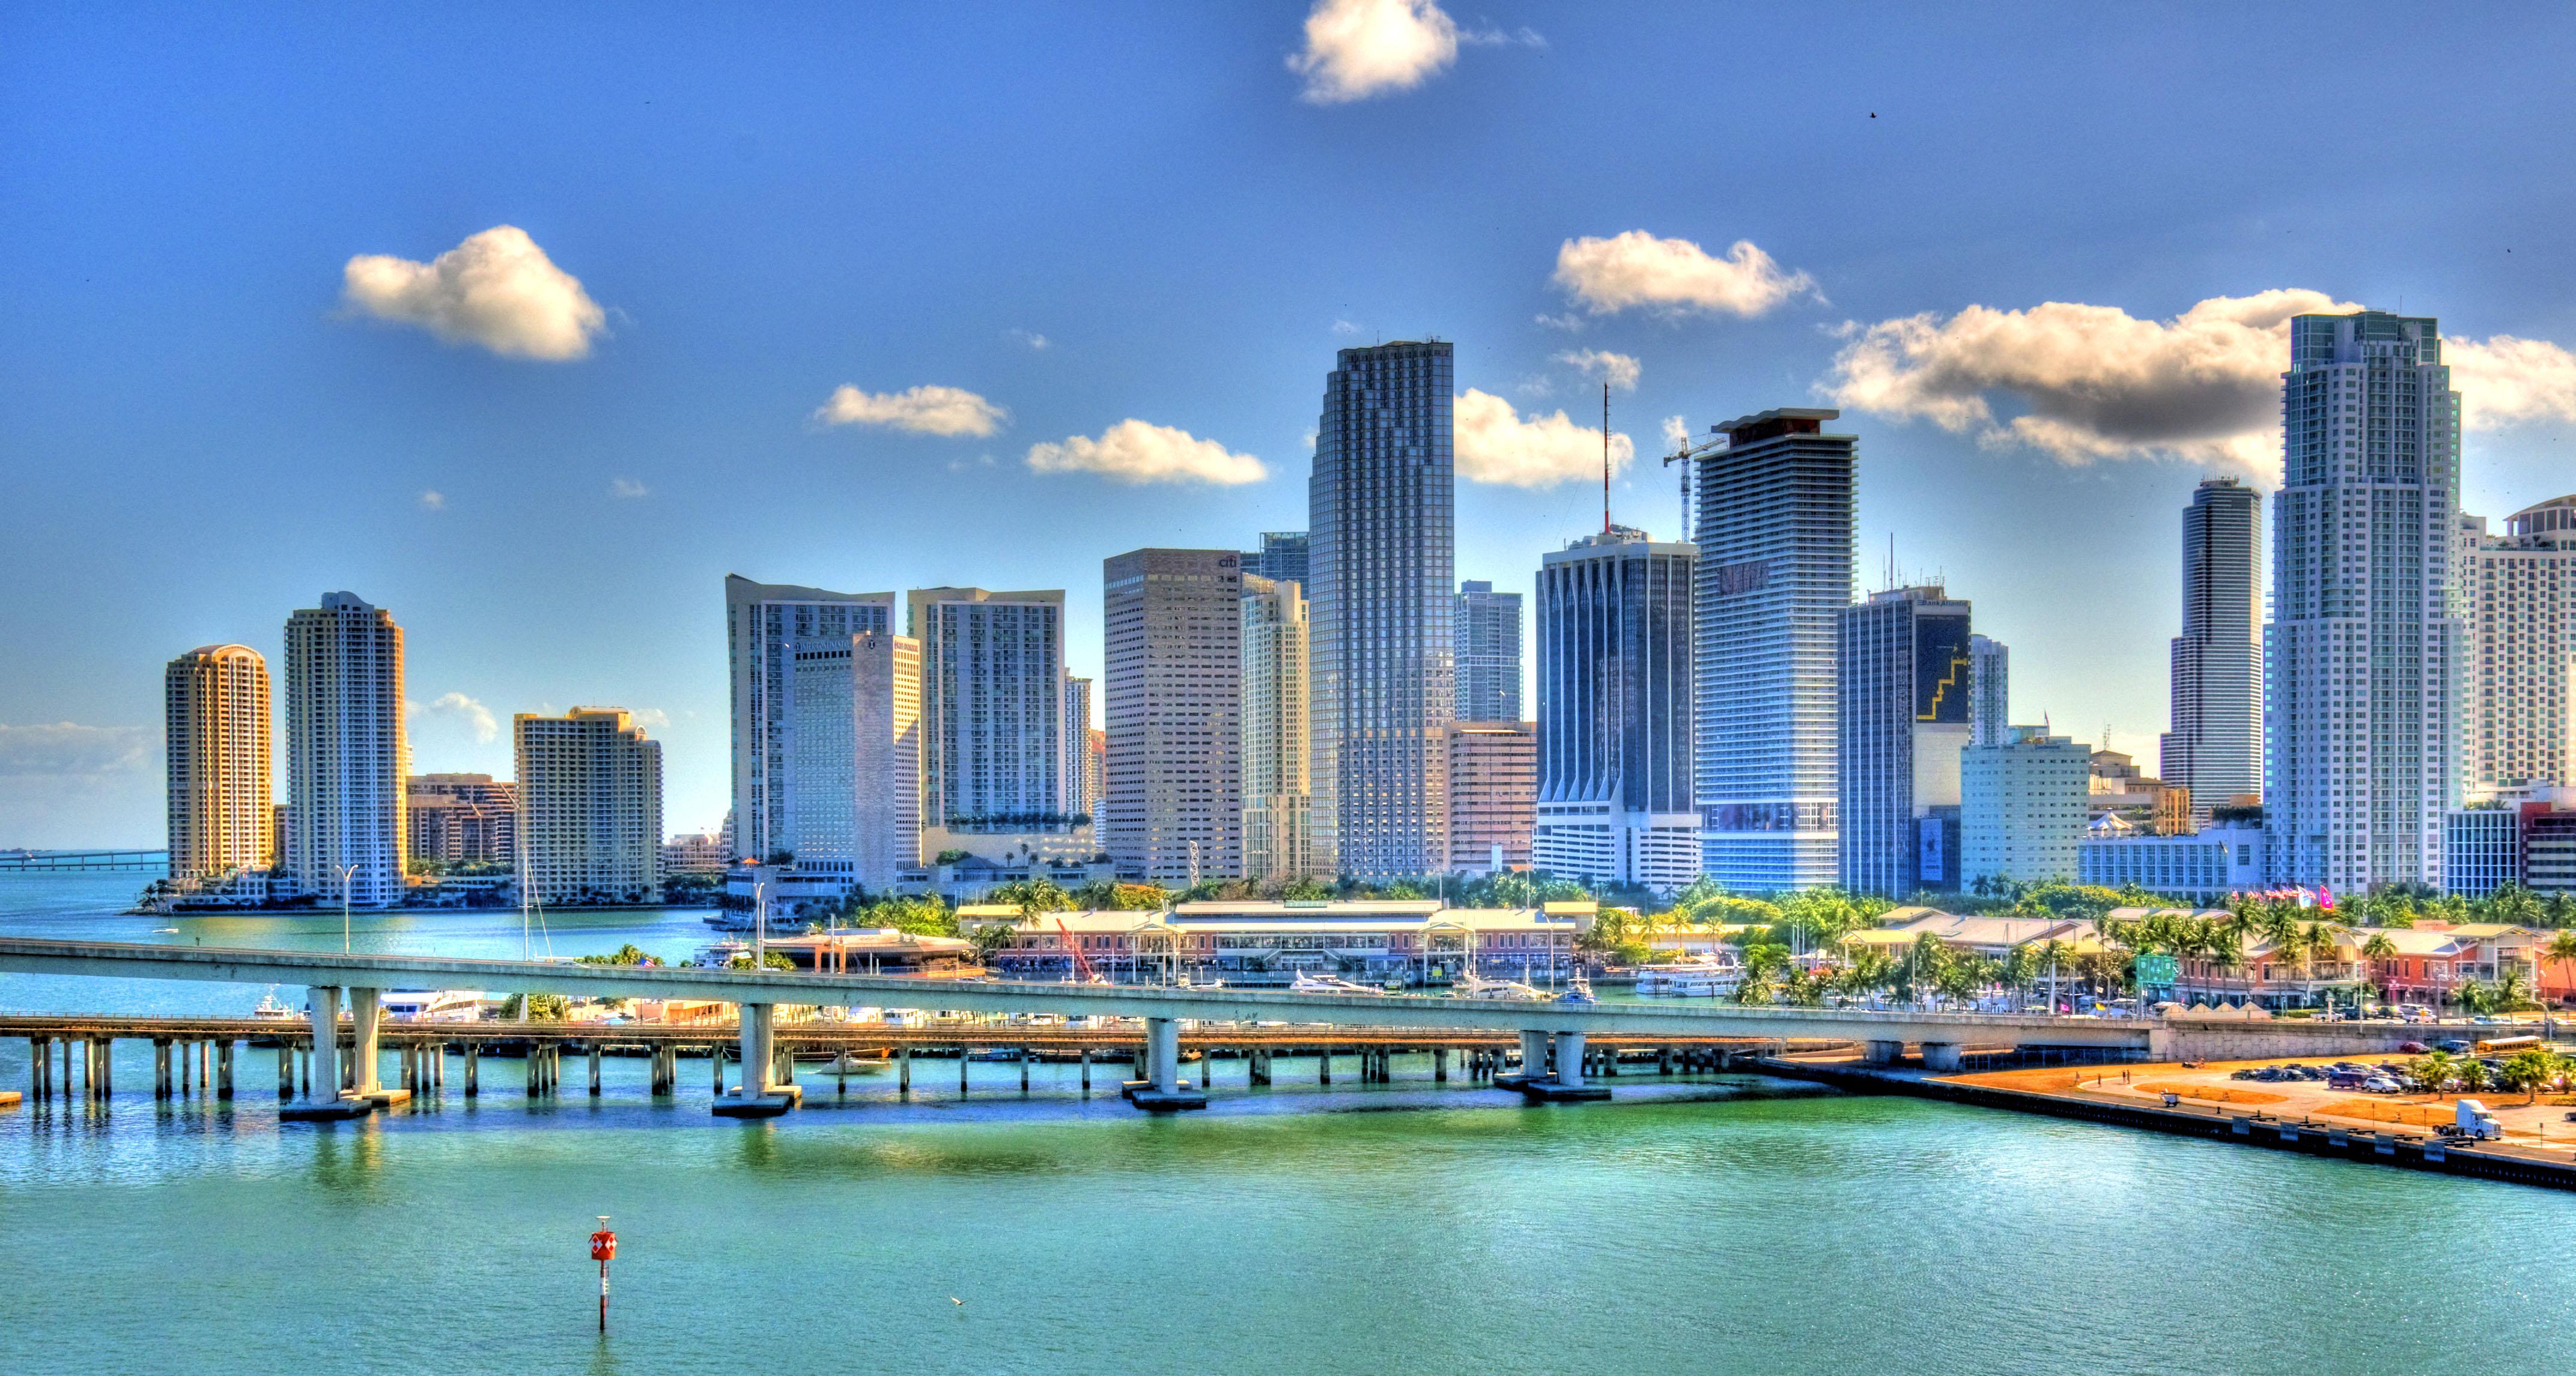 USA-Miami-Panorama-1